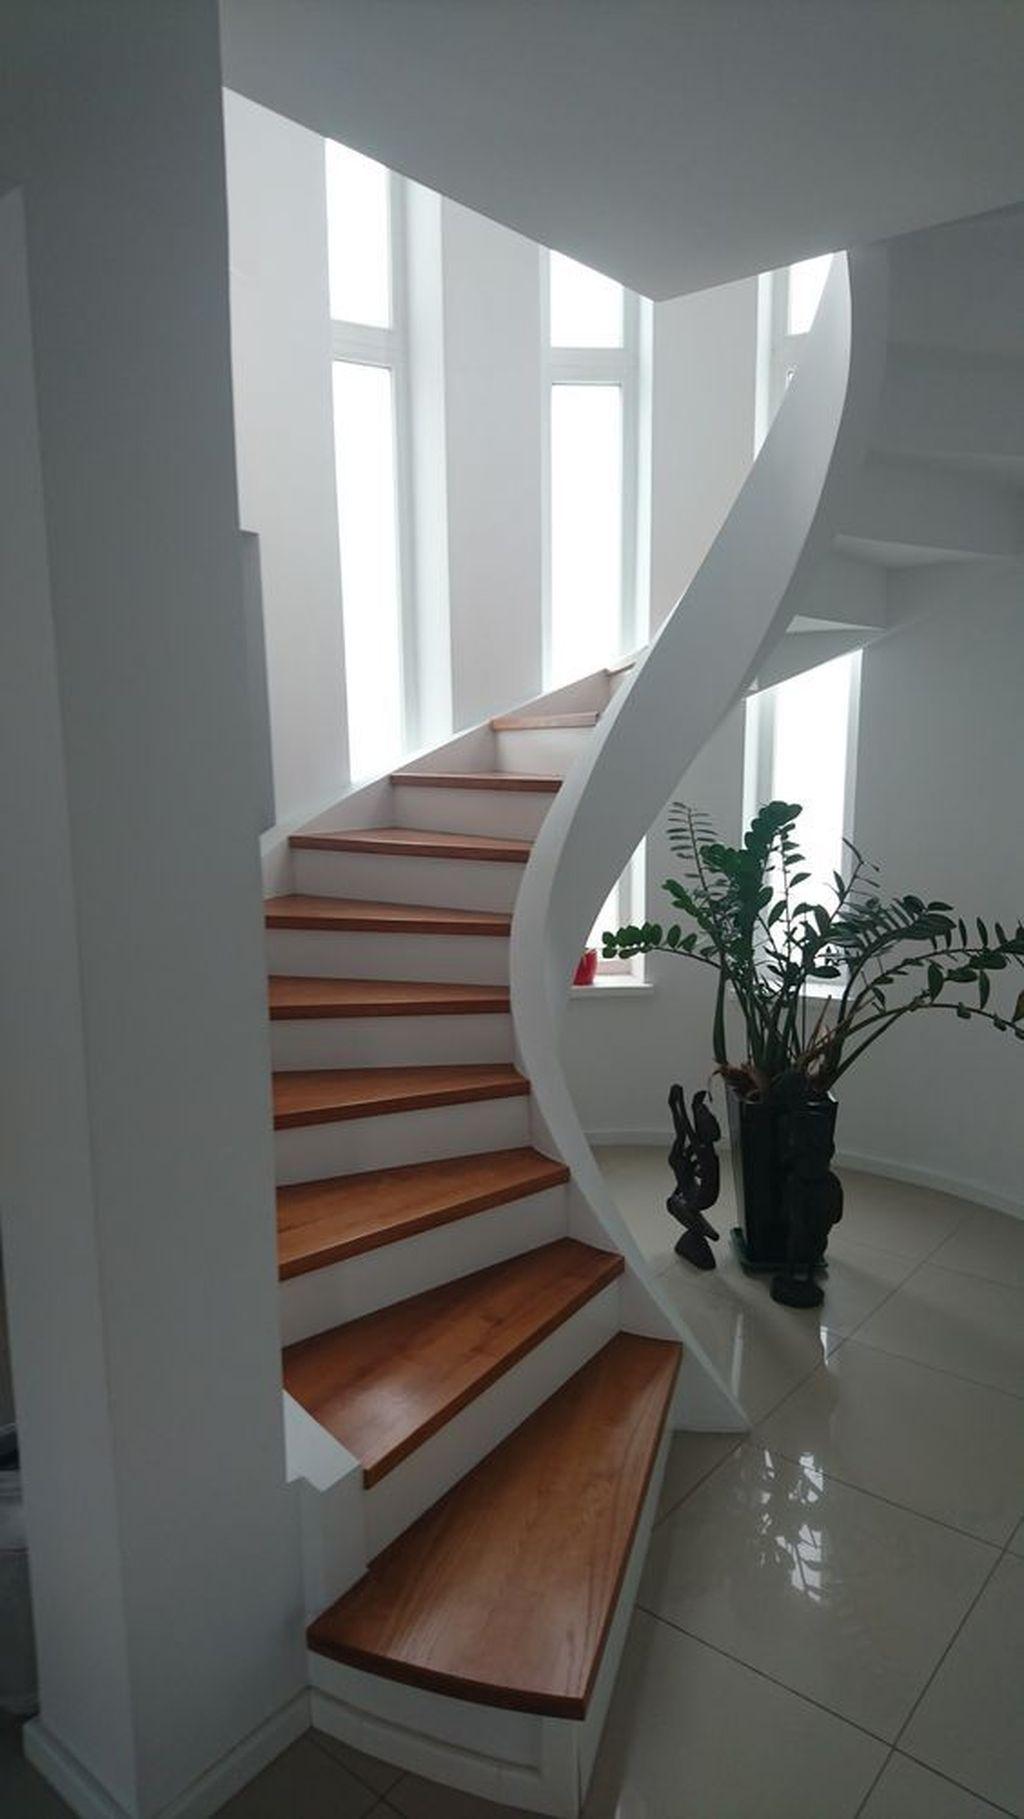 white floor tiles, white platform, wooden cover